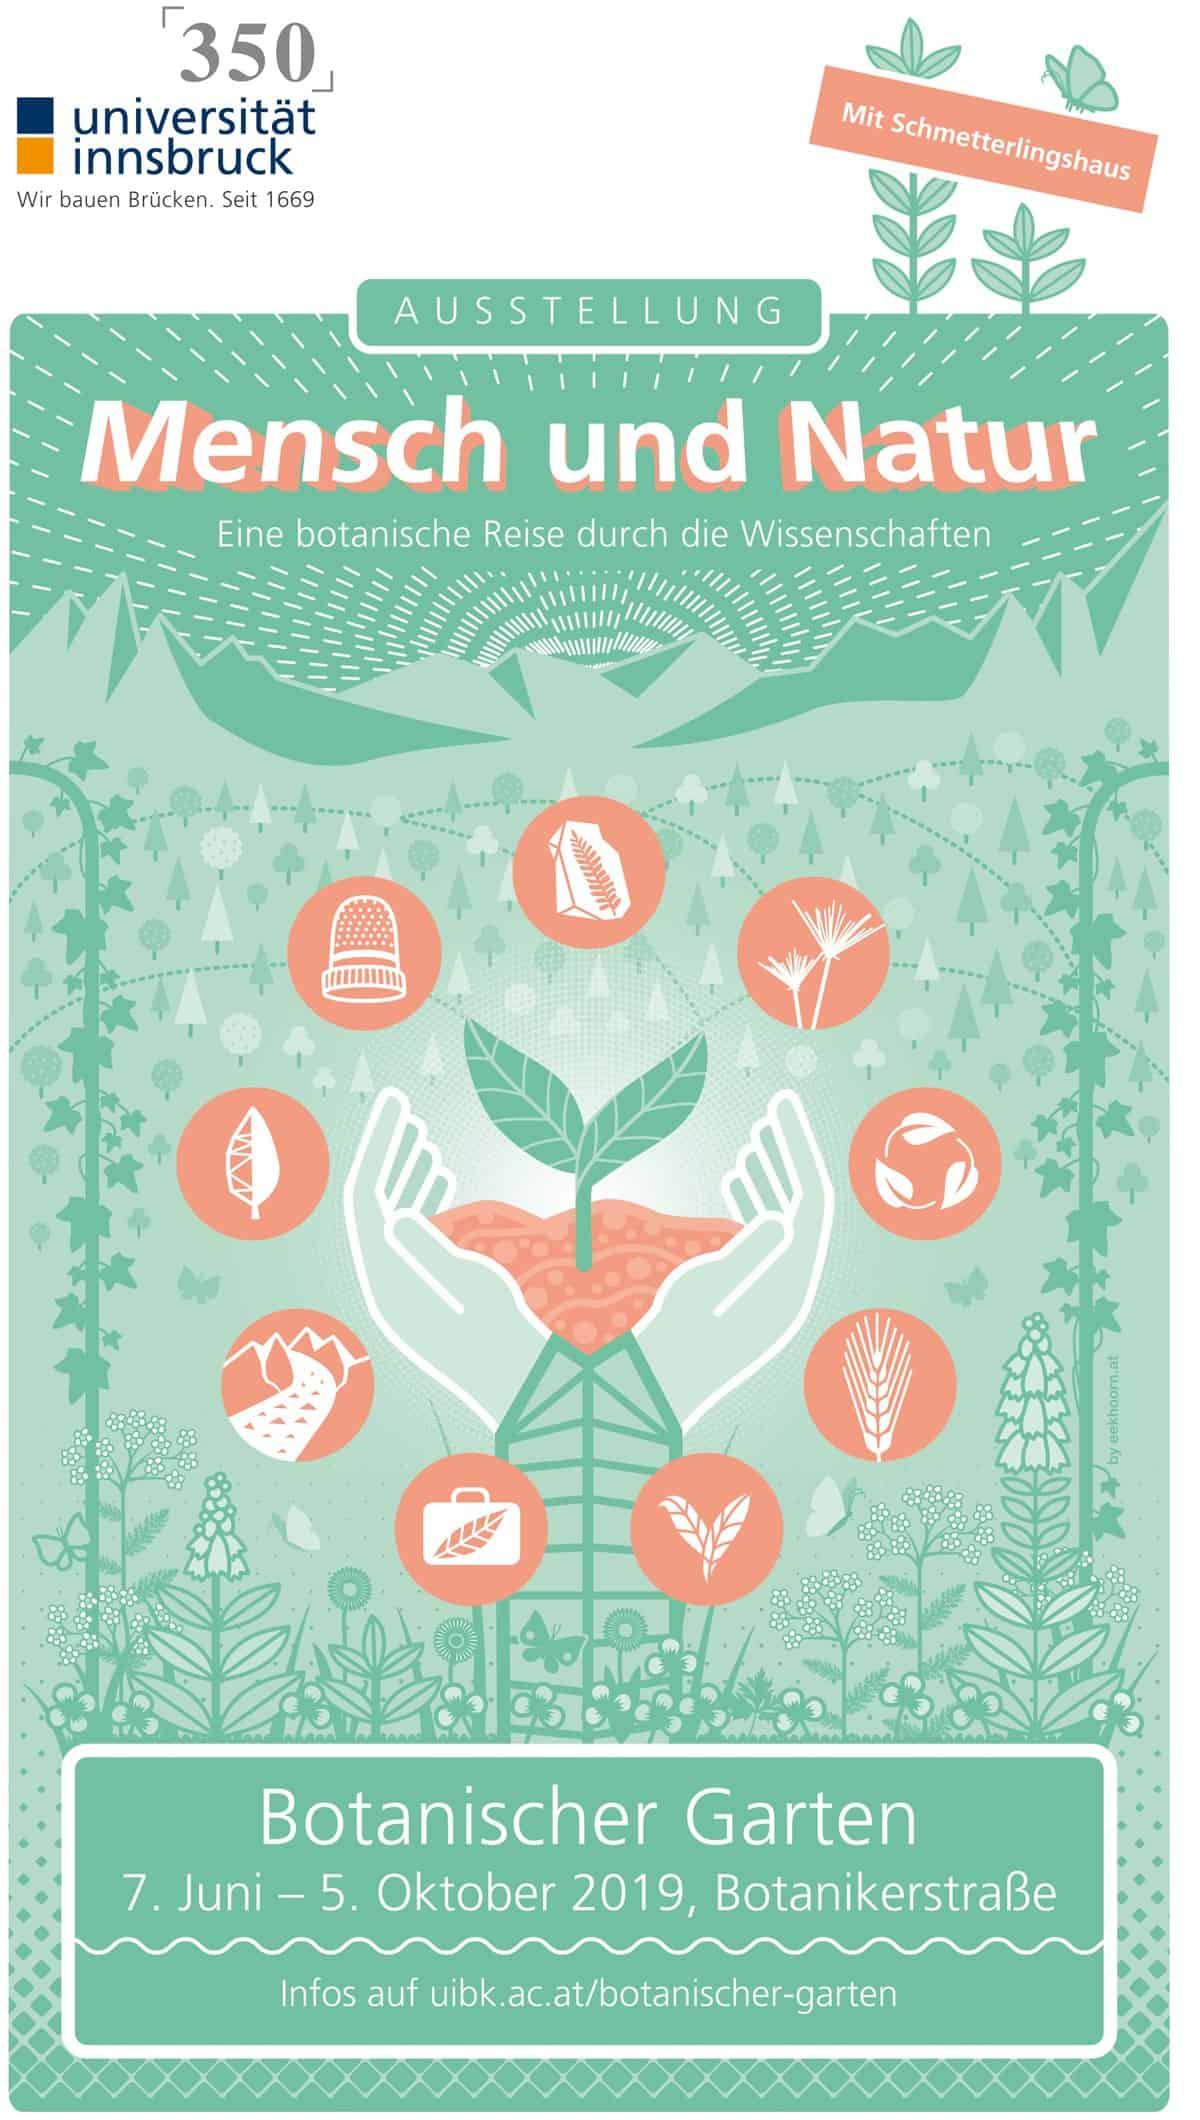 Mensch und Natur – eine botanische Reise durch die Wissenschaften: Jubiläumsausstellung im Botanischen Garten – mit Schmetterlingshaus 282